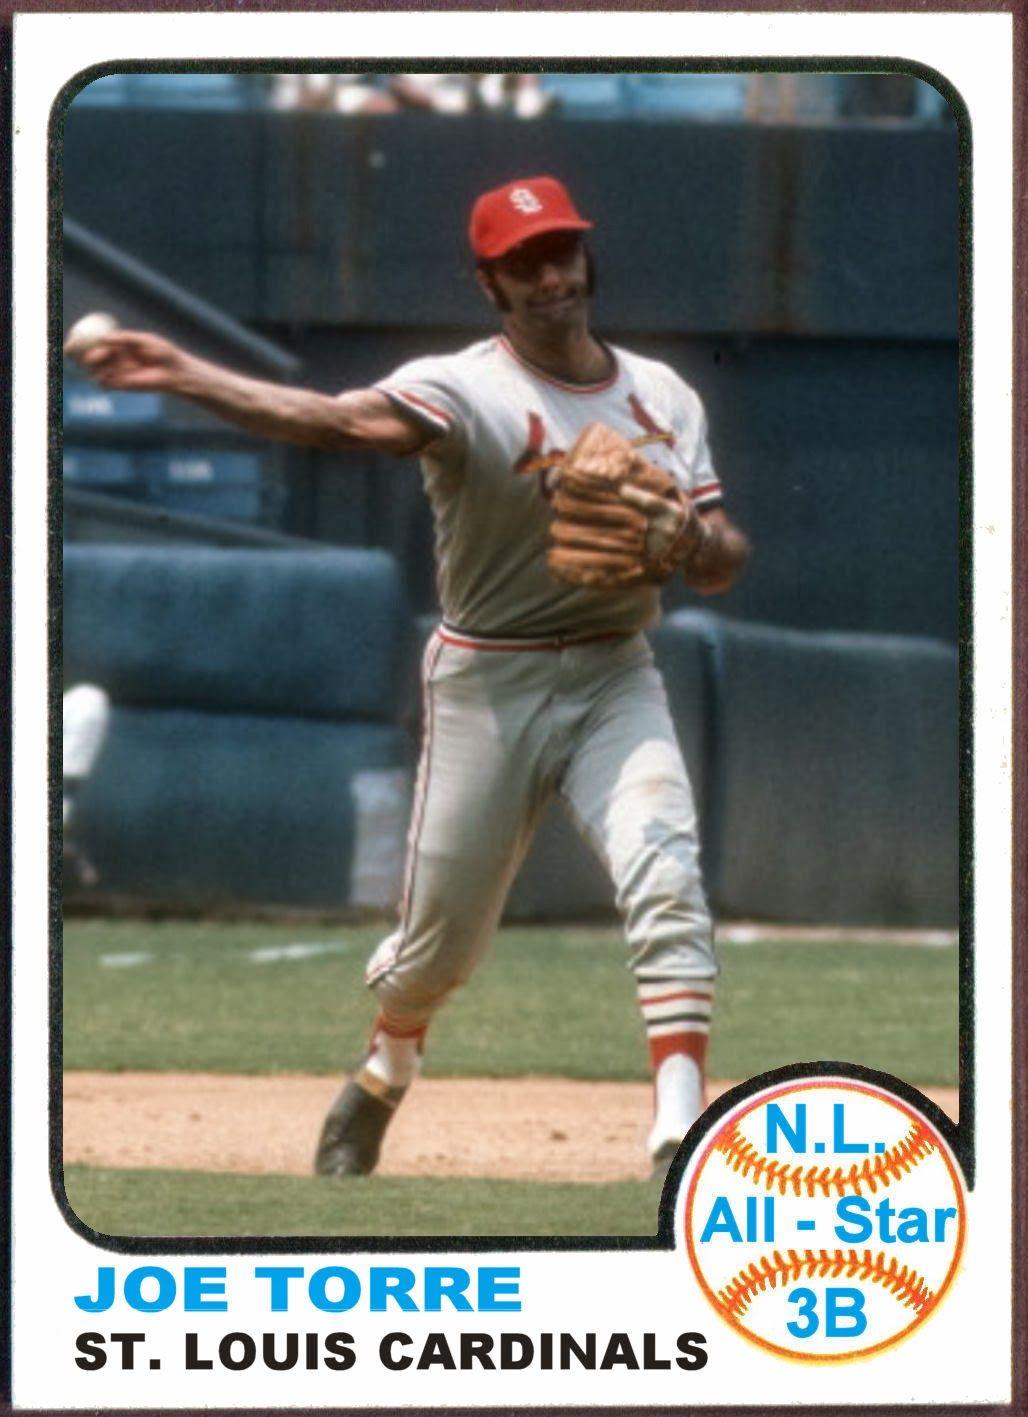 1973 Topps Joe Torre AllStar. Baseball Cards That Never